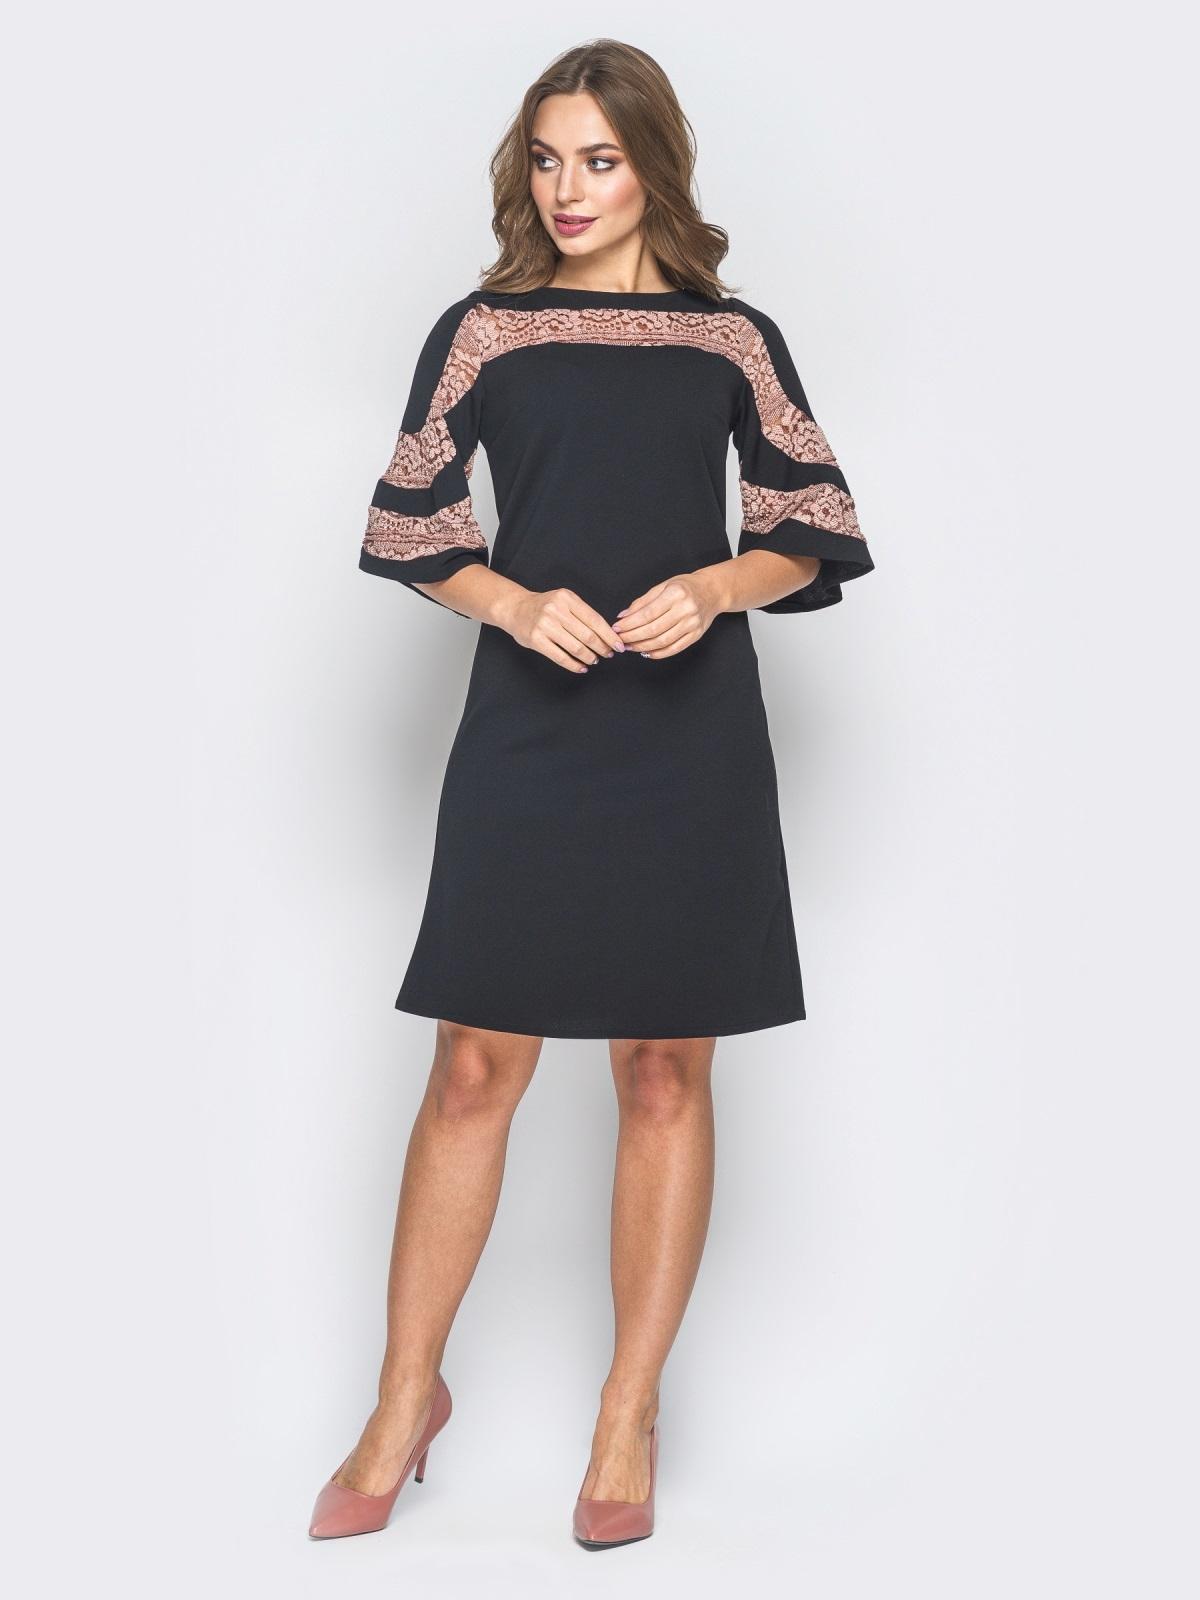 Черное платье-трапеция с кружевом на кокетке и рукавах - 18630, фото 1 – 43801862831